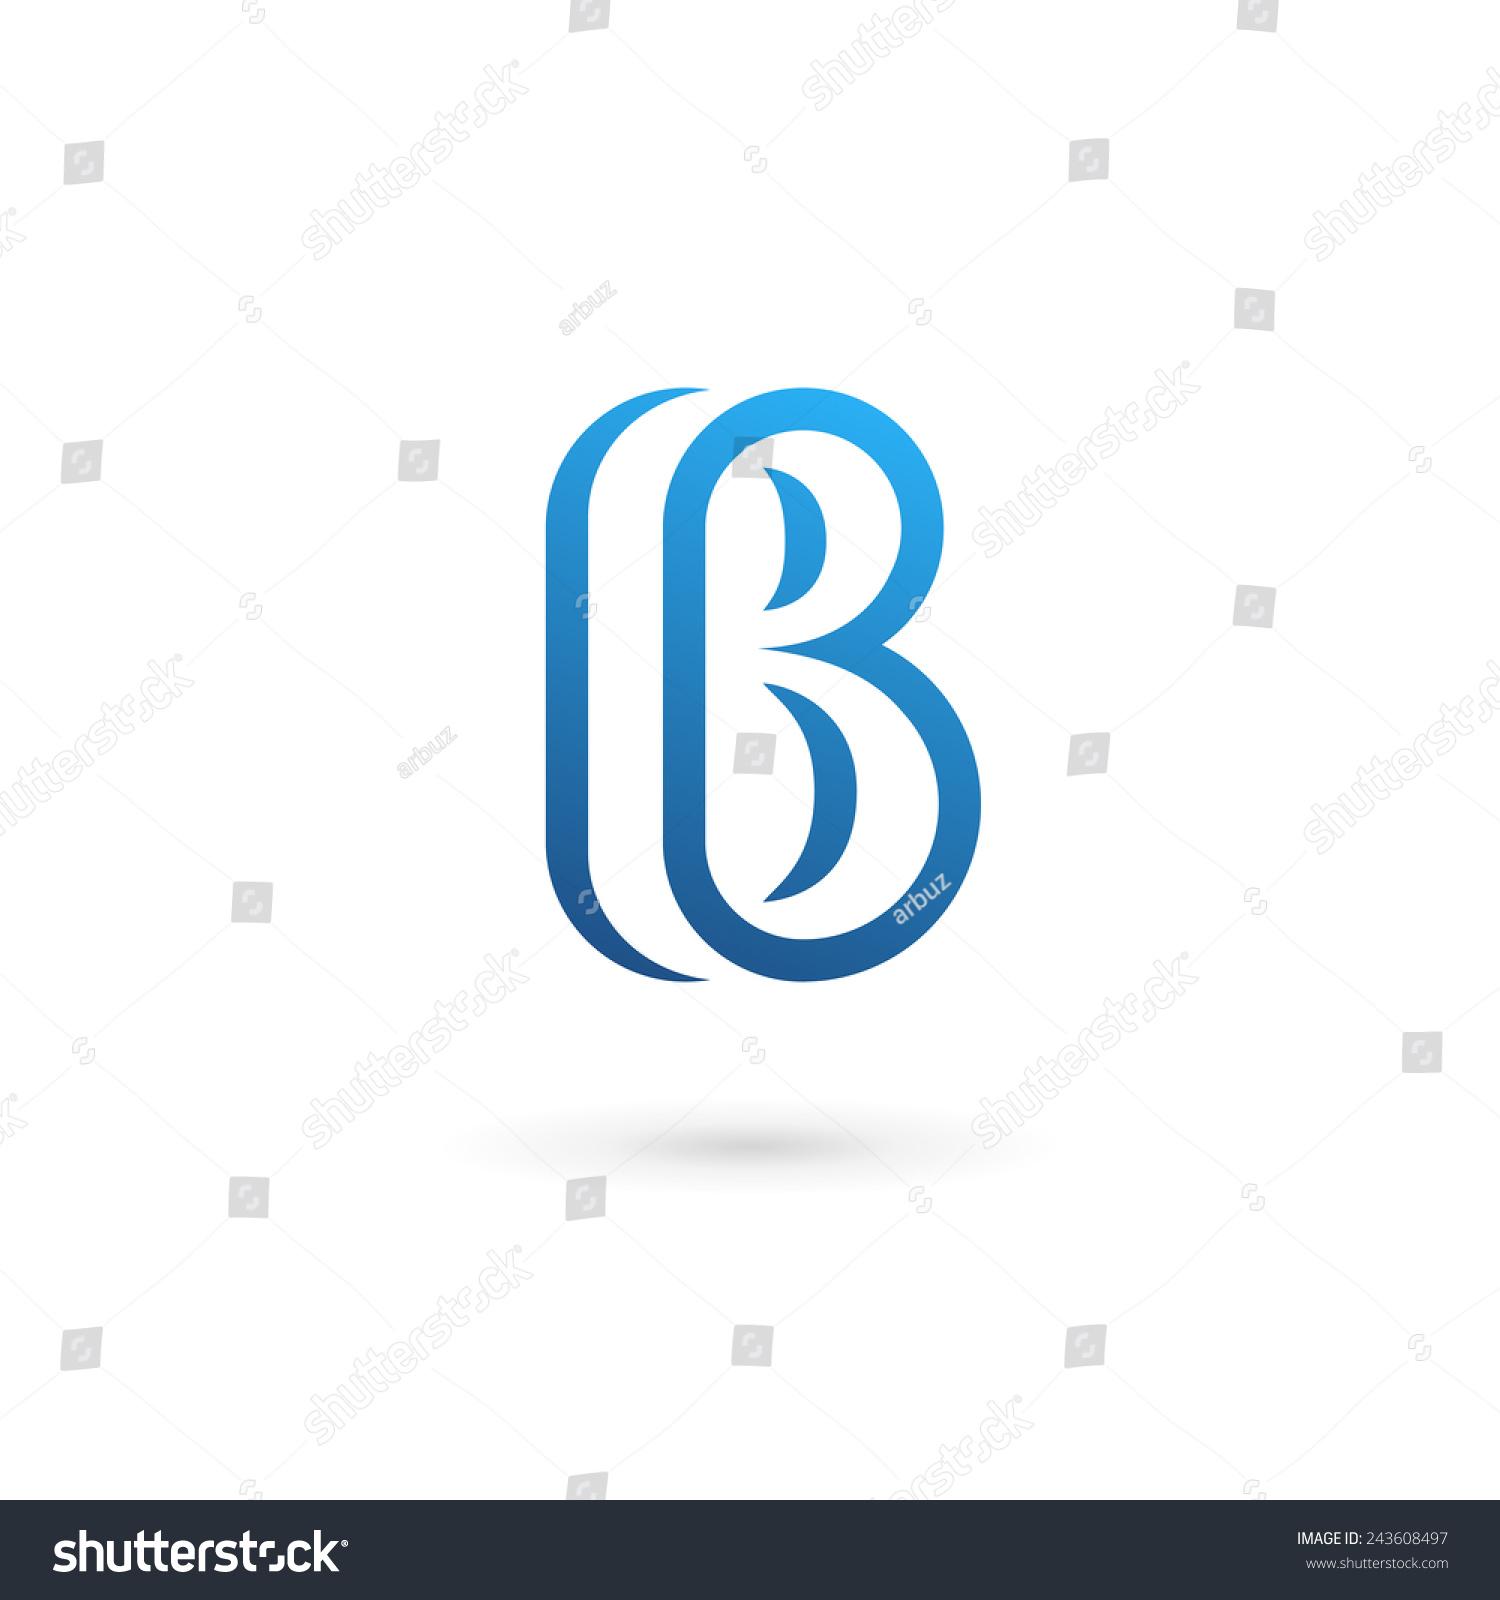 字母b标志图标设计模板元素-符号/标志